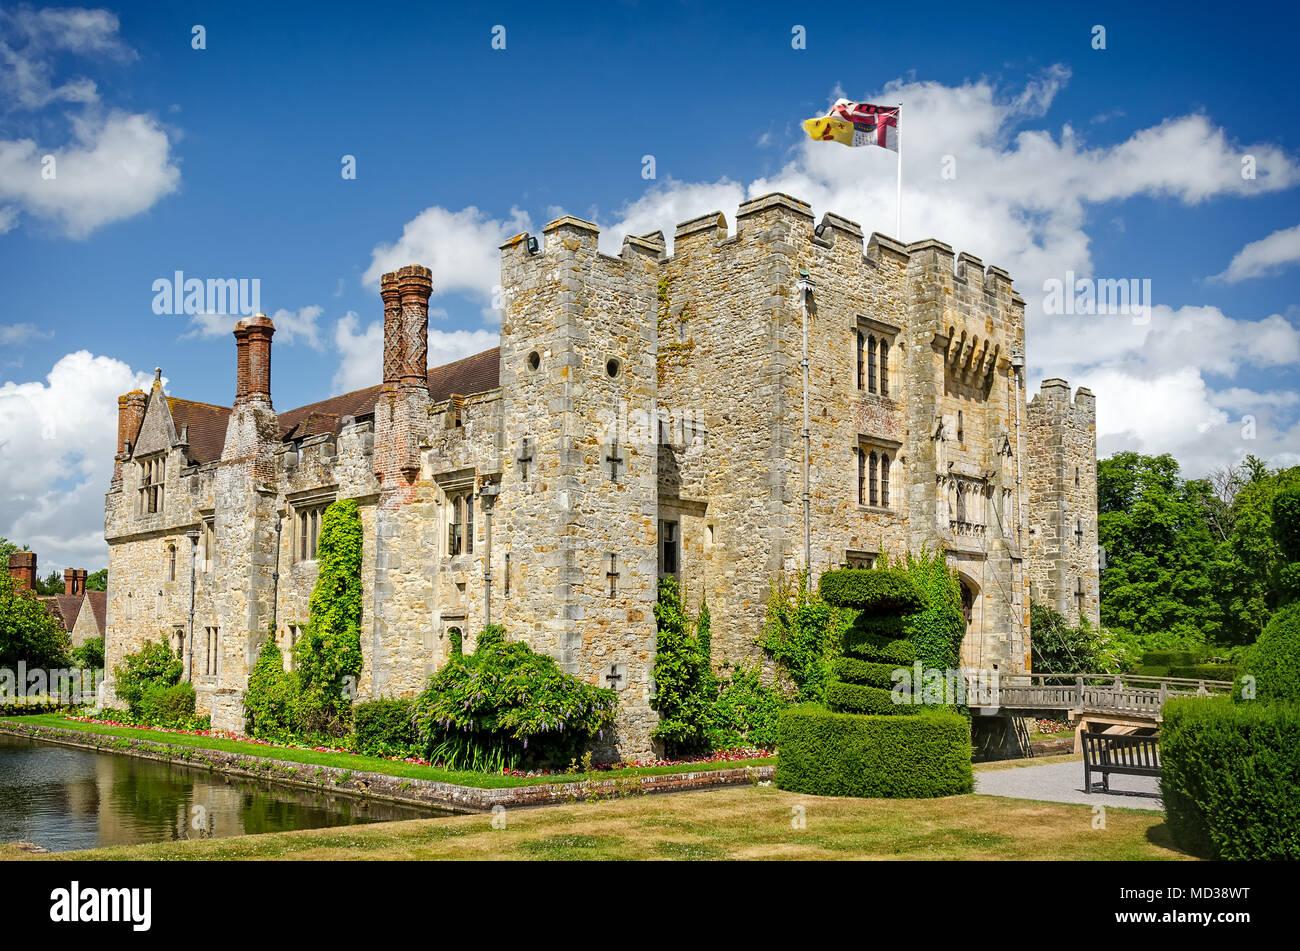 El castillo de Hever, Reino Unido - 18 de junio, 2015: Vista panorámica del castillo de Hever y hermoso jardín y una vez el hogar de infancia de Ana Bolena. Imagen De Stock